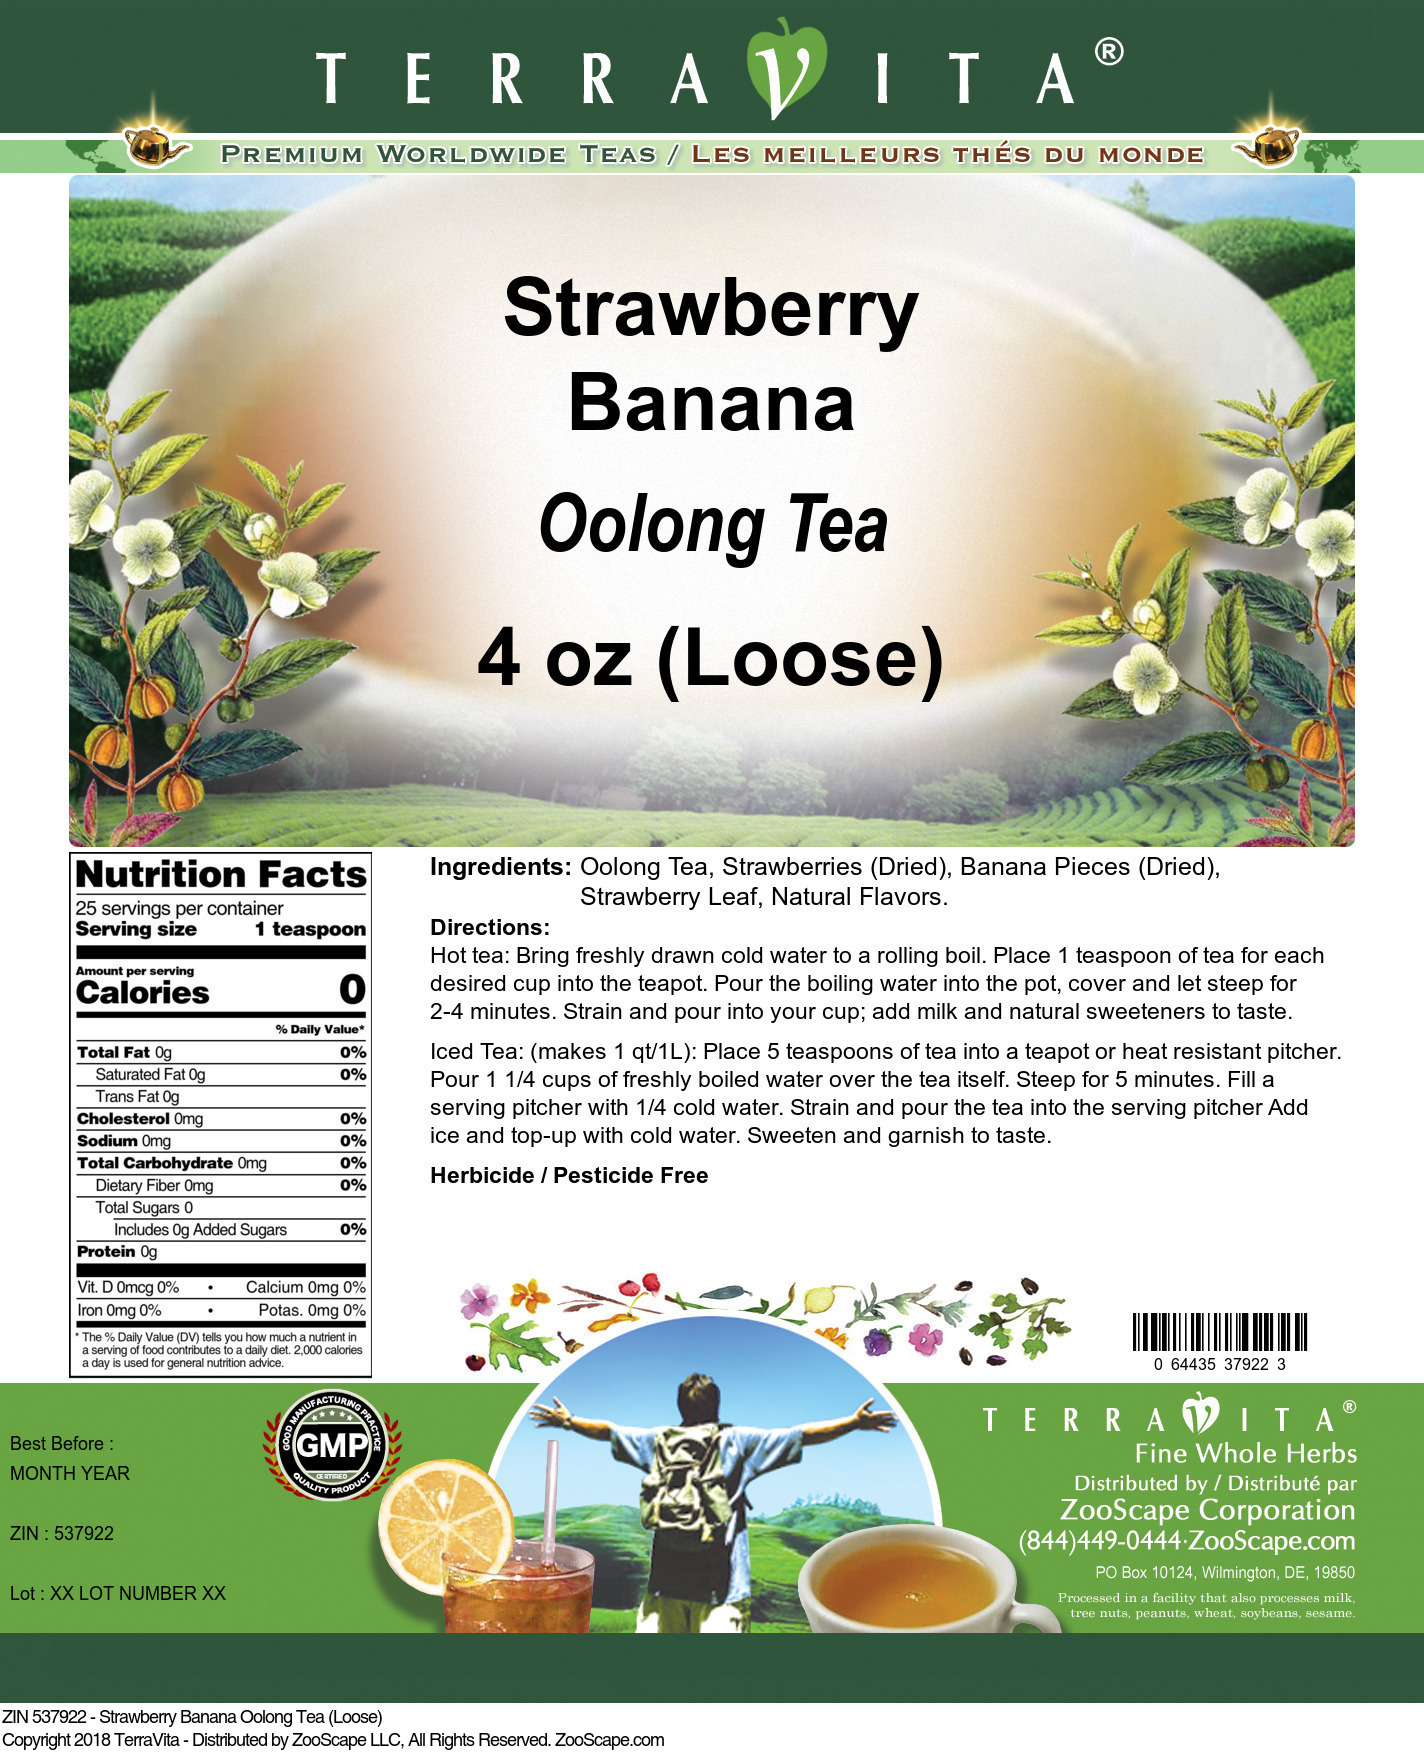 Strawberry Banana Oolong Tea